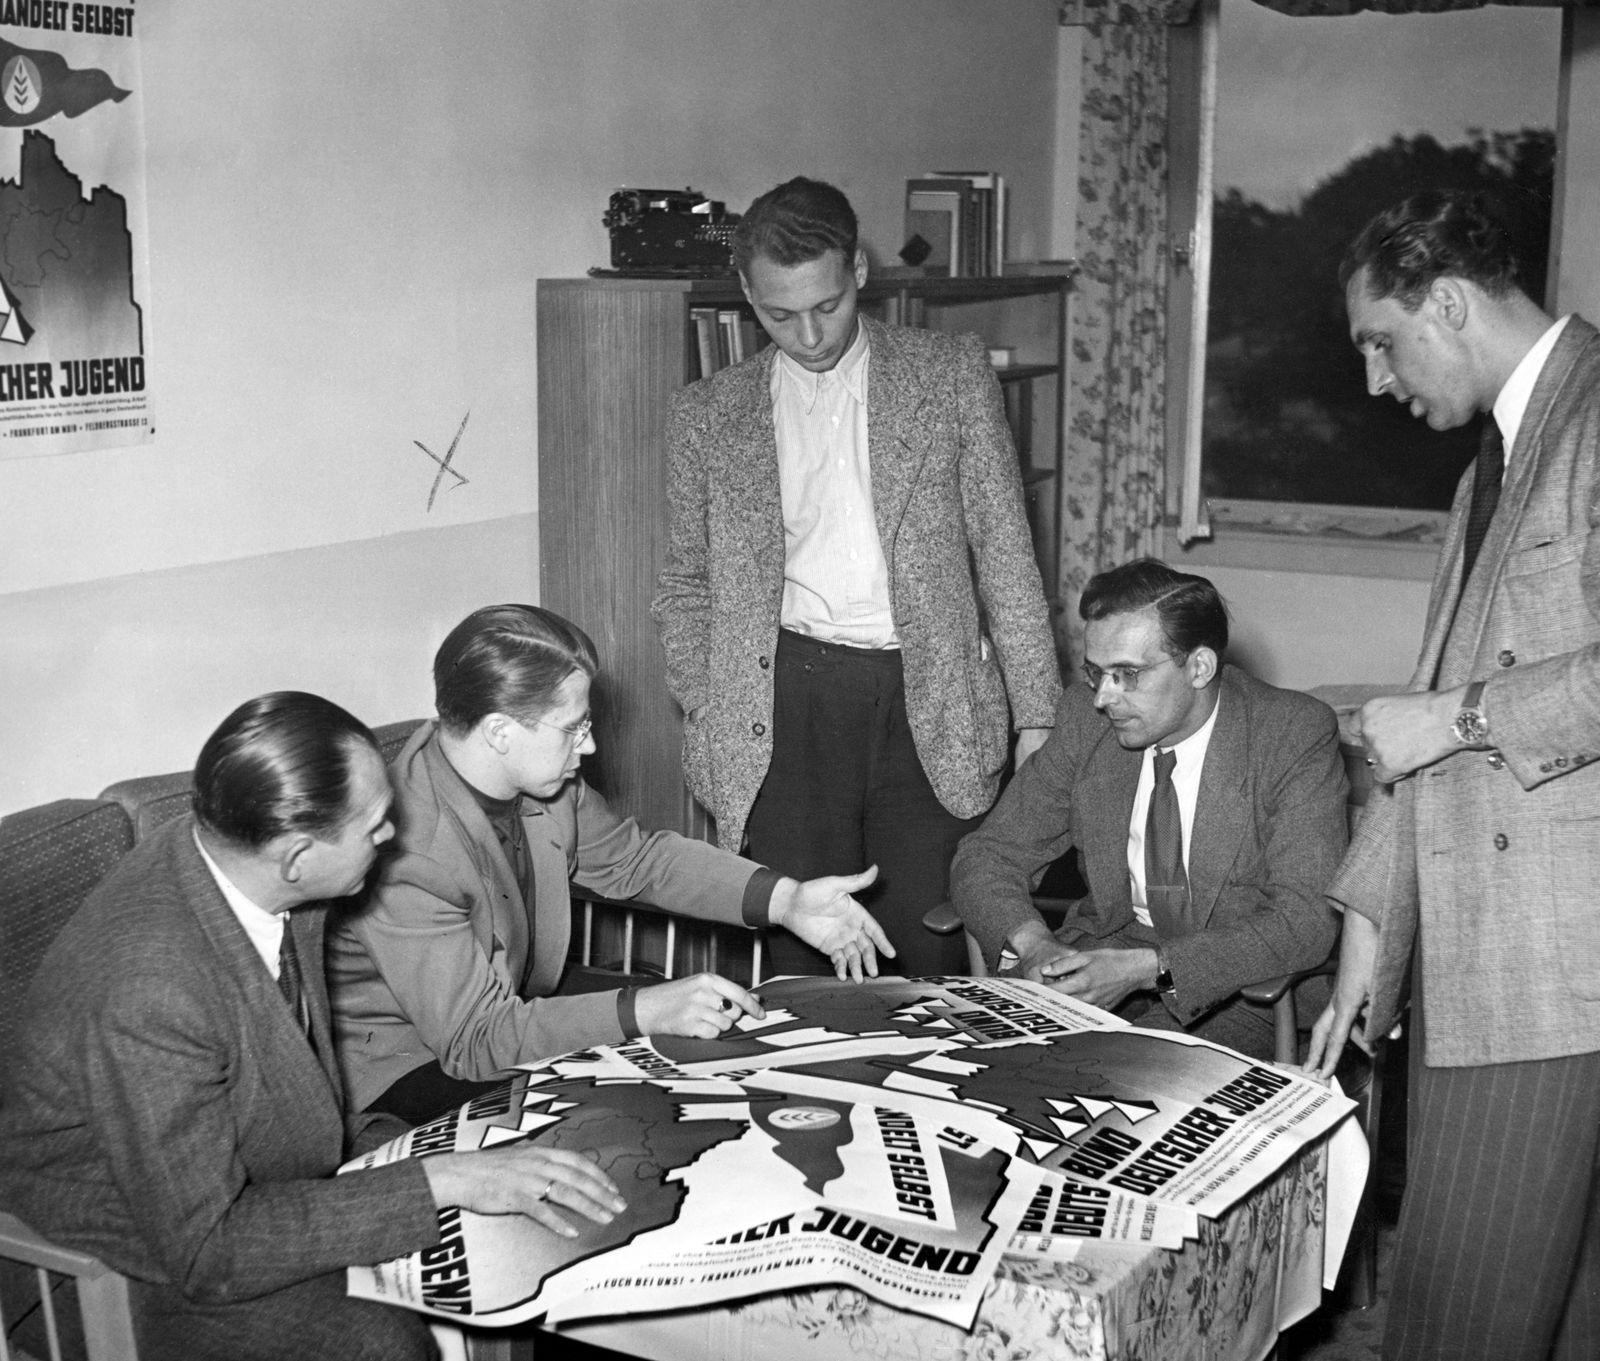 Paul Lüth mit Mitgliedern des Bund Deutscher Jugend, 1953